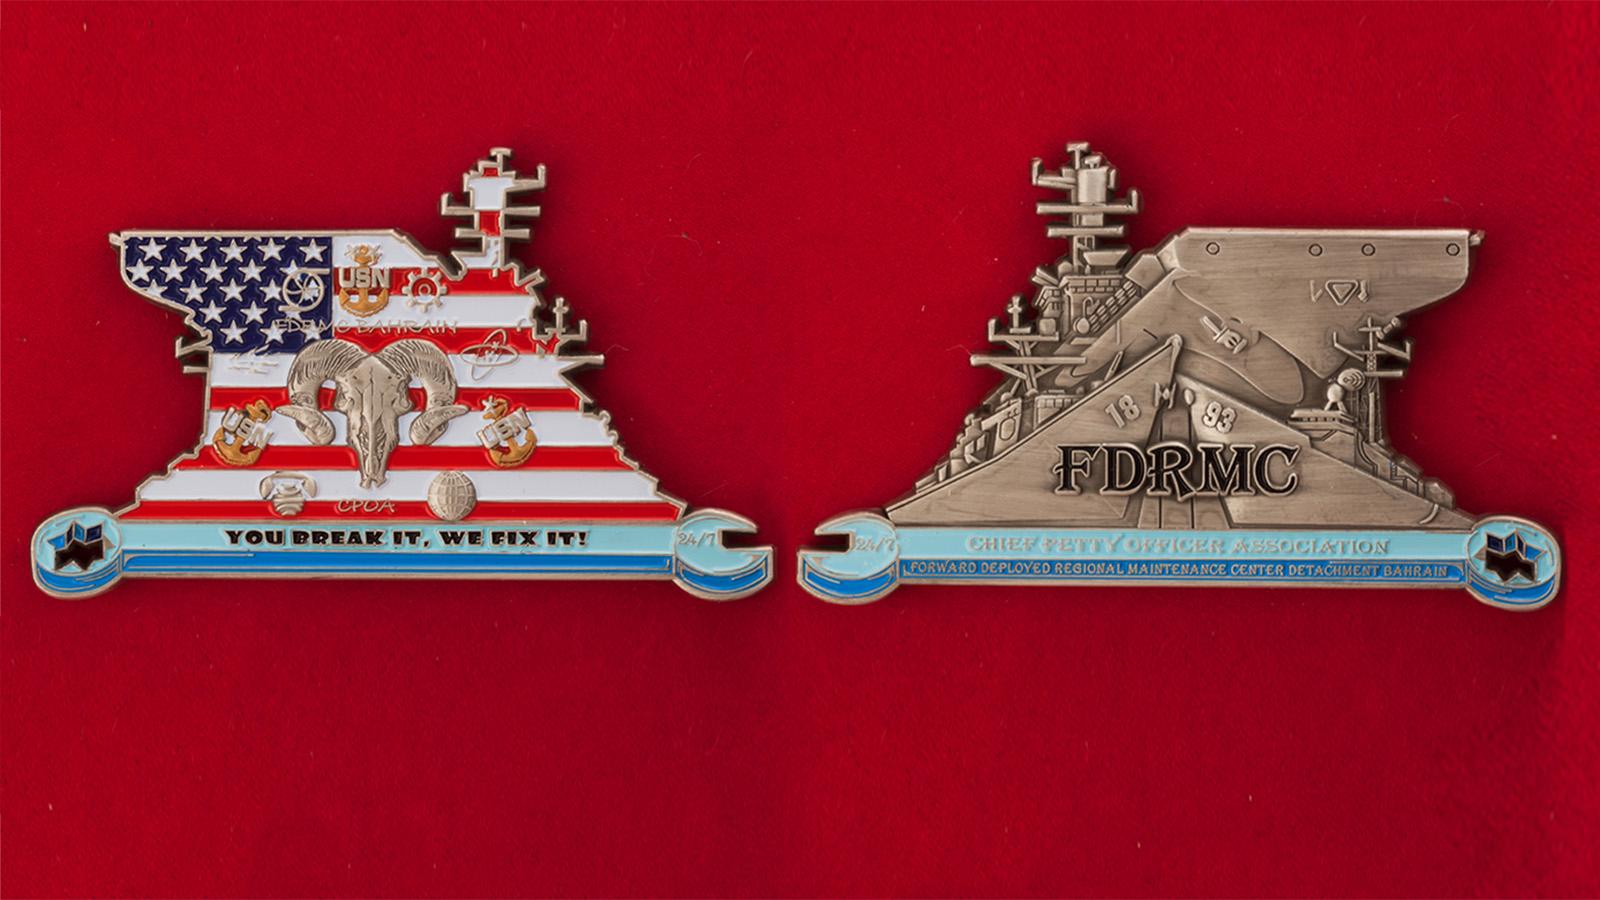 Челлендж коин Ассоциации главных старшин Технического центра базы ВМС США в Бахрейне - аверс и реверс